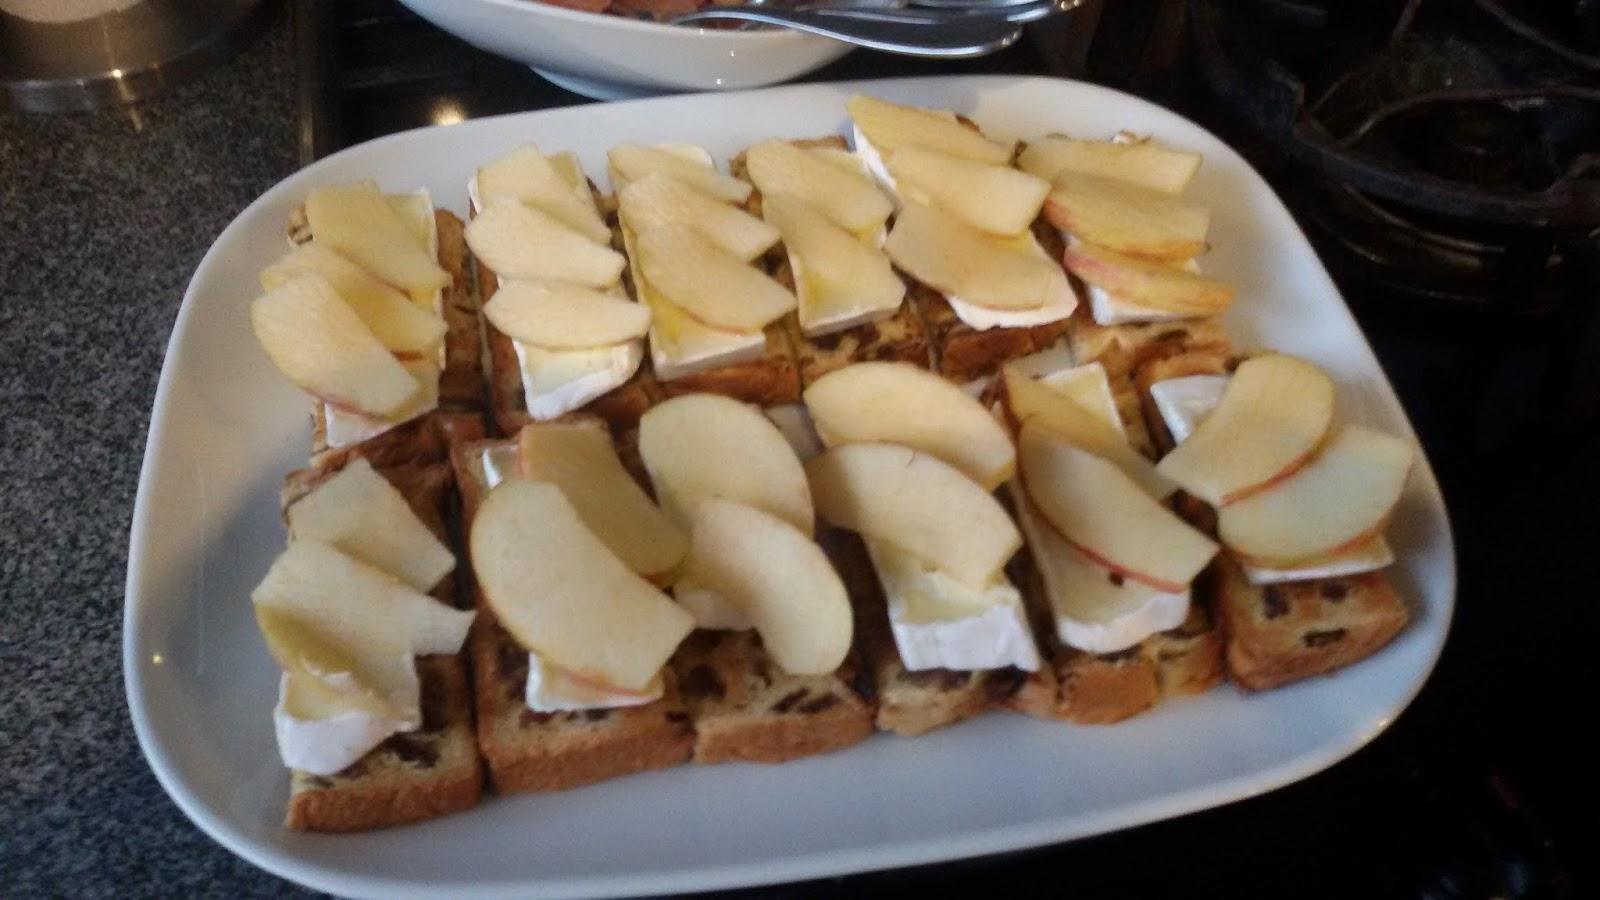 Vaak Elke Hap: 2 snelle aperitiefhapjes: Rozijnenbrood met brie  #QK36